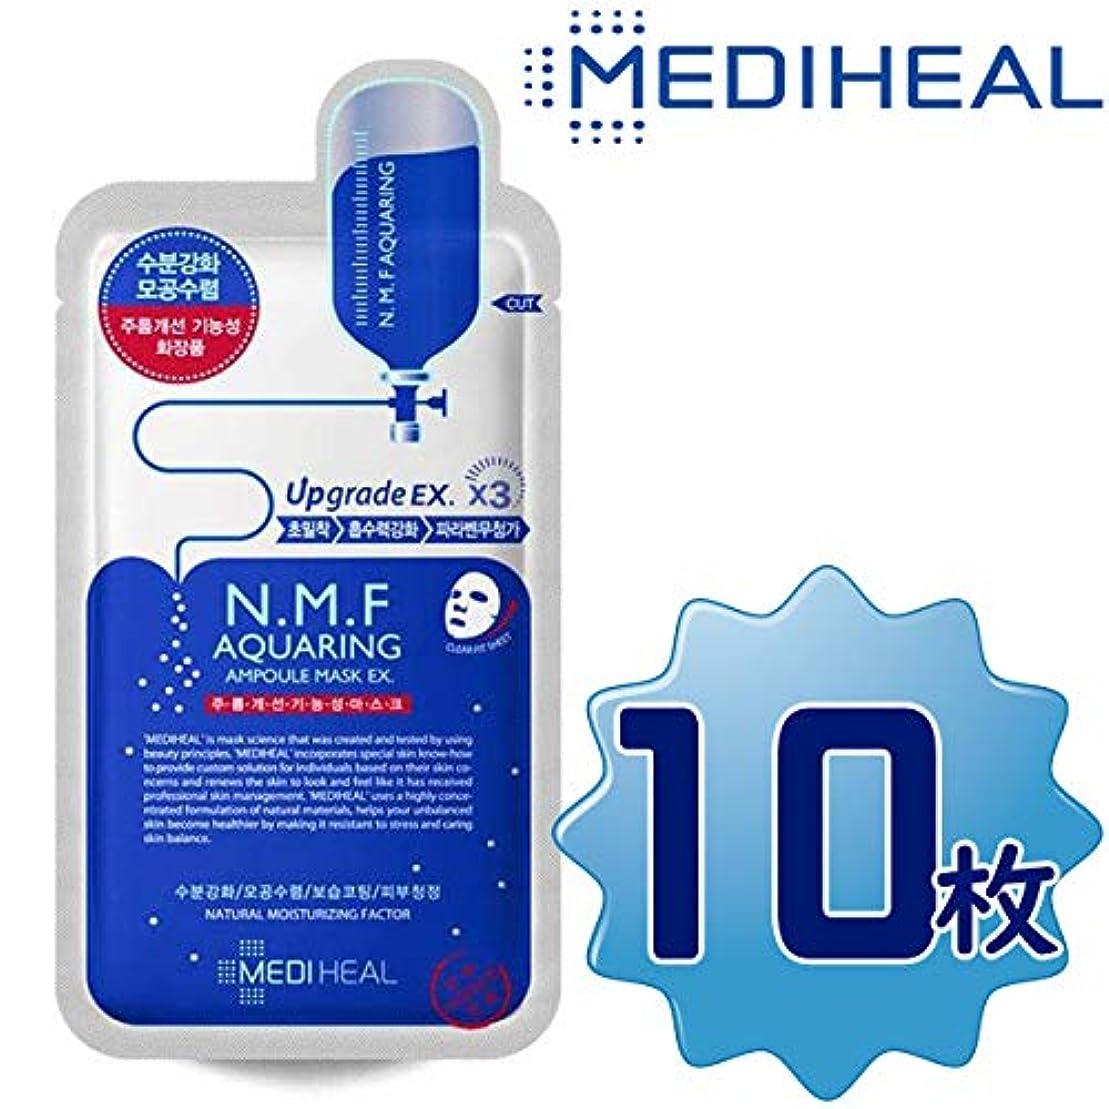 行背骨染料【正規輸入品】Mediheal メディヒール N.M.F アクアリング アンプル?マスクパックEX 10枚入り×1(Aquaring Ampoule Essential Mask PackEX 1box(10sheet)×1